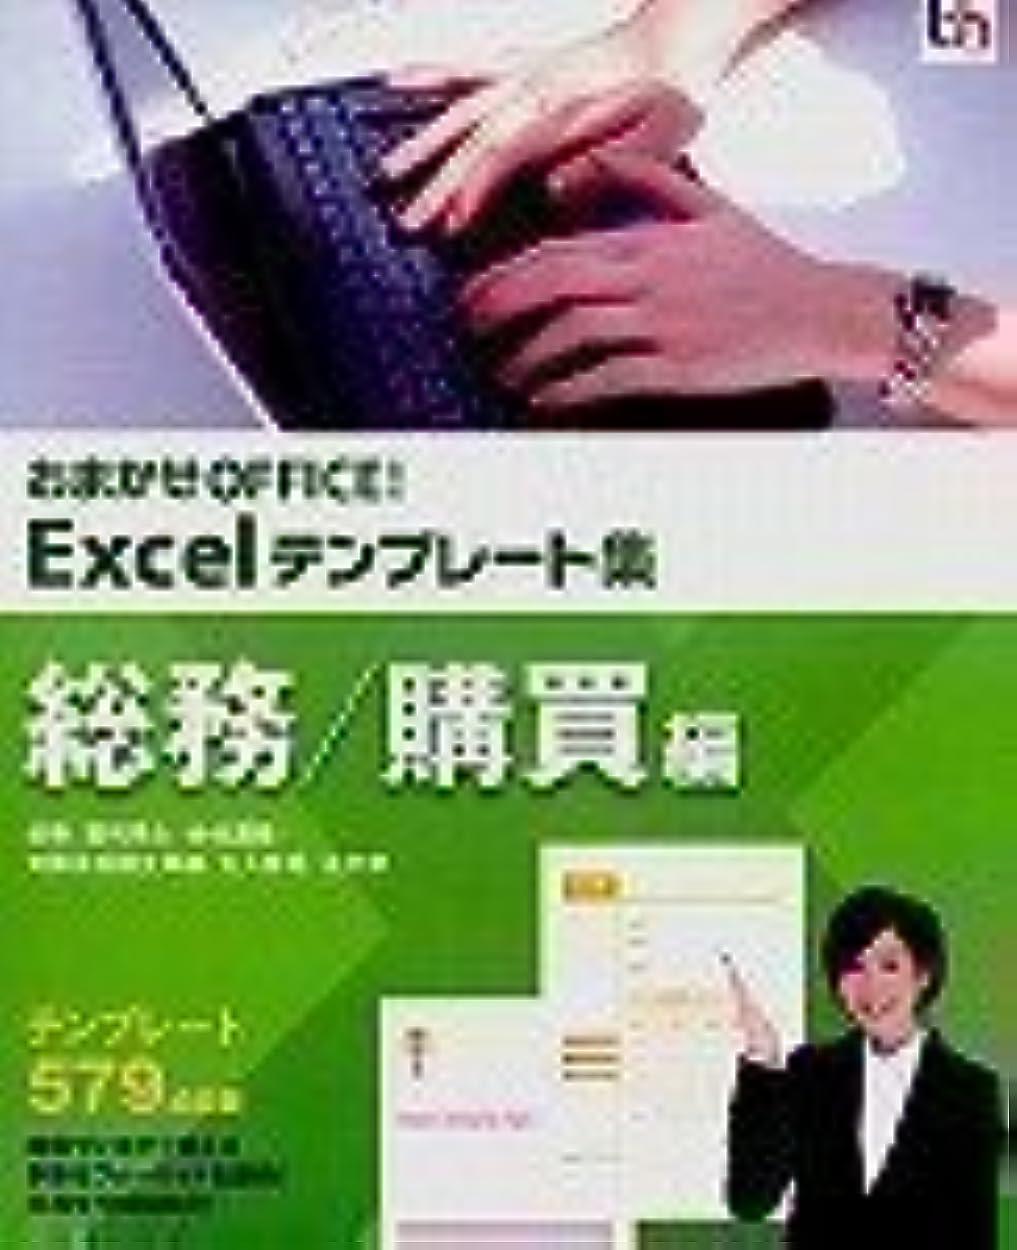 こねるしなやかなぬるいおまかせOFFICE! Excelテンプレート集 総務/購買編